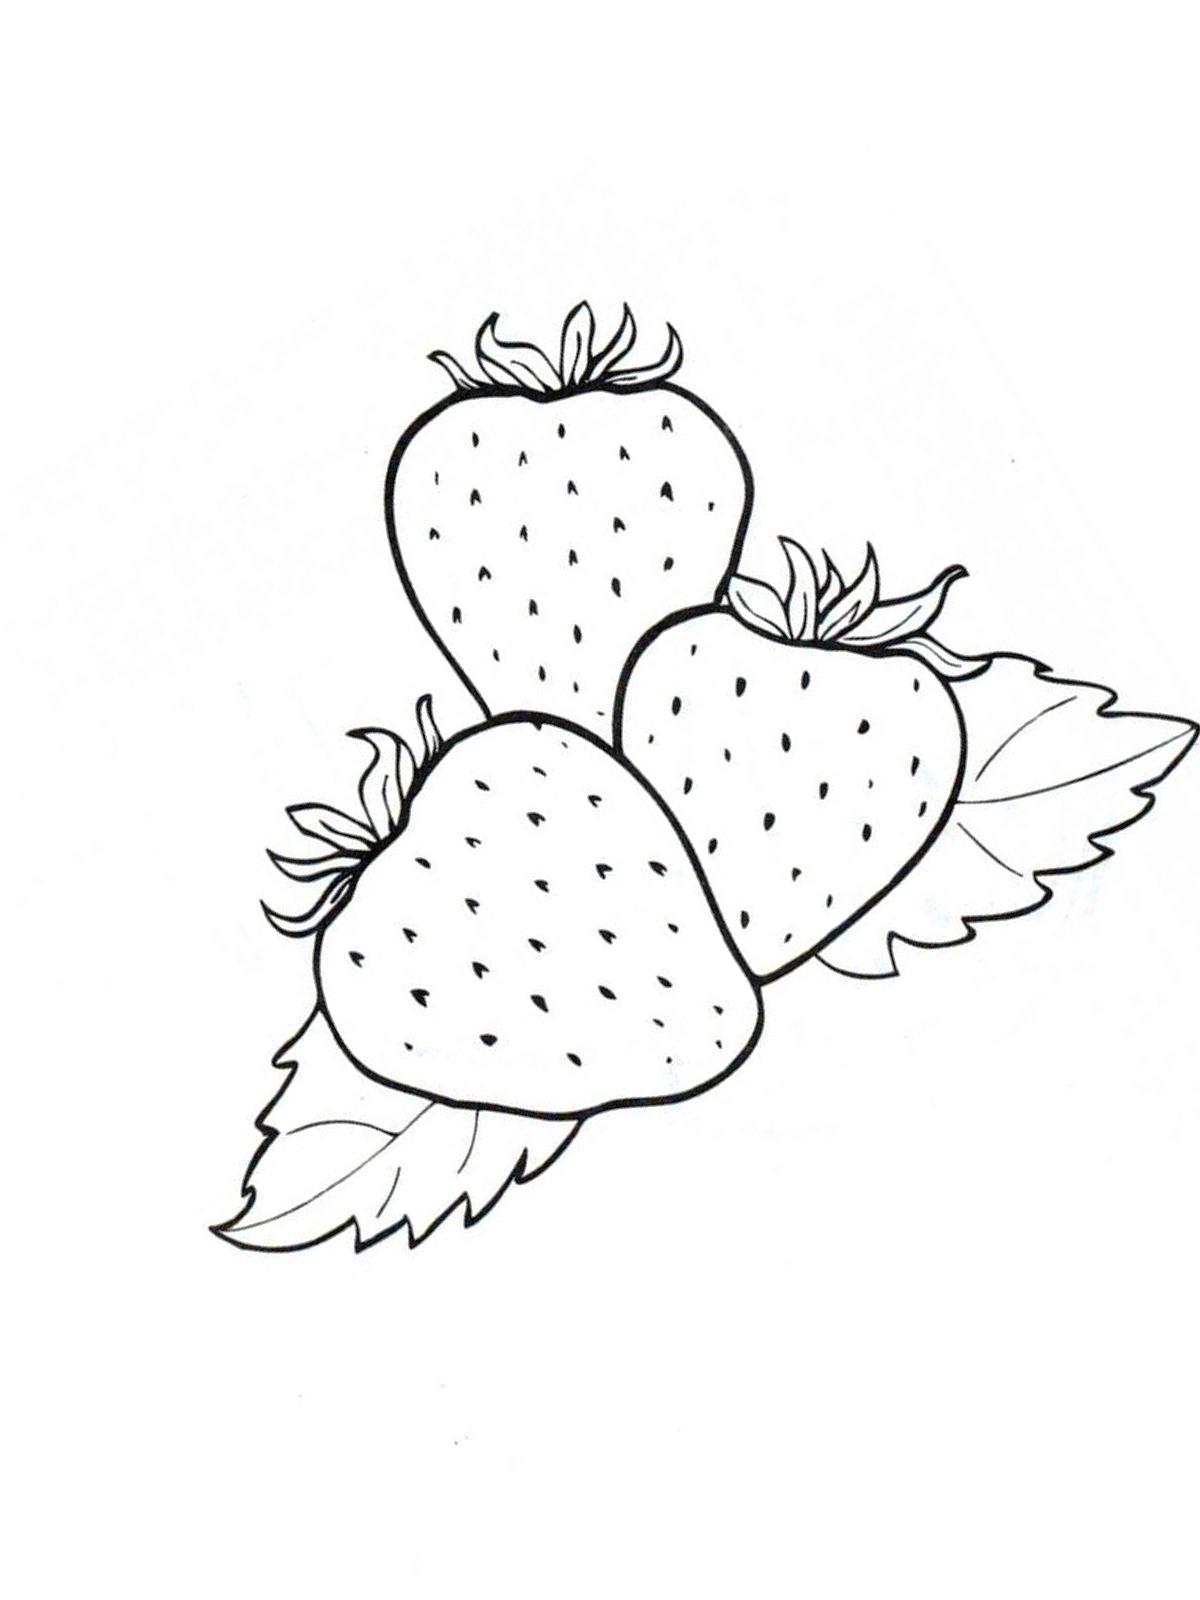 ausmalbilder, malvorlagen - erdbeere kostenlos zum